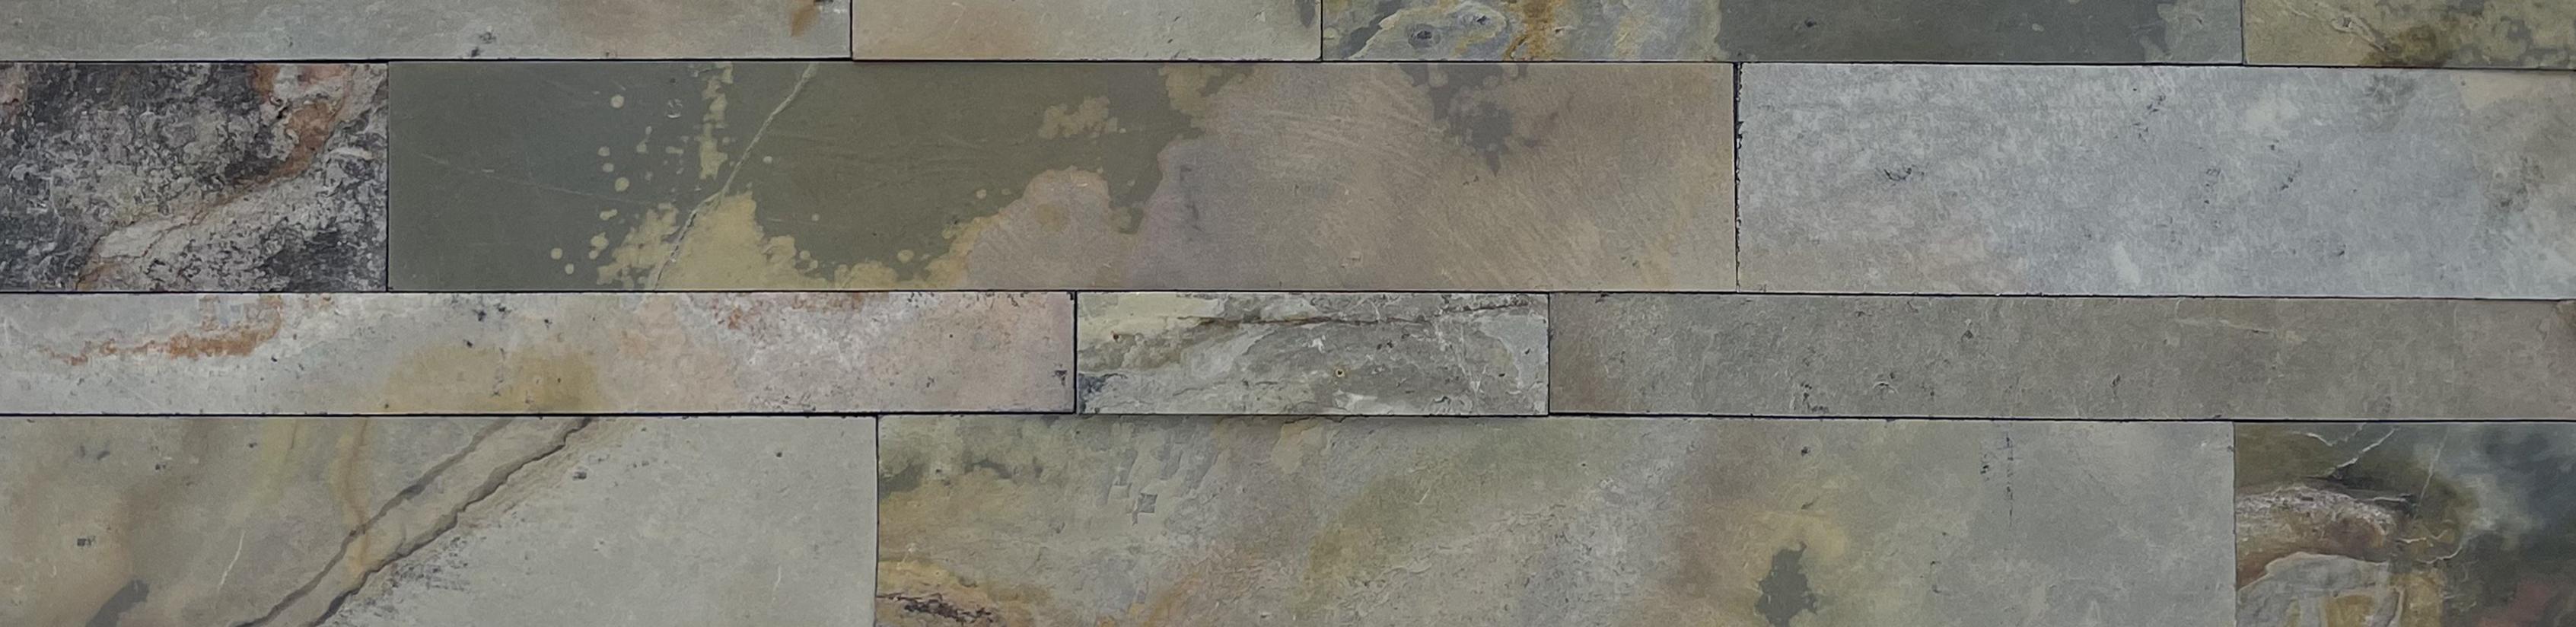 Wandverkleidung Dünnschiefer 2006